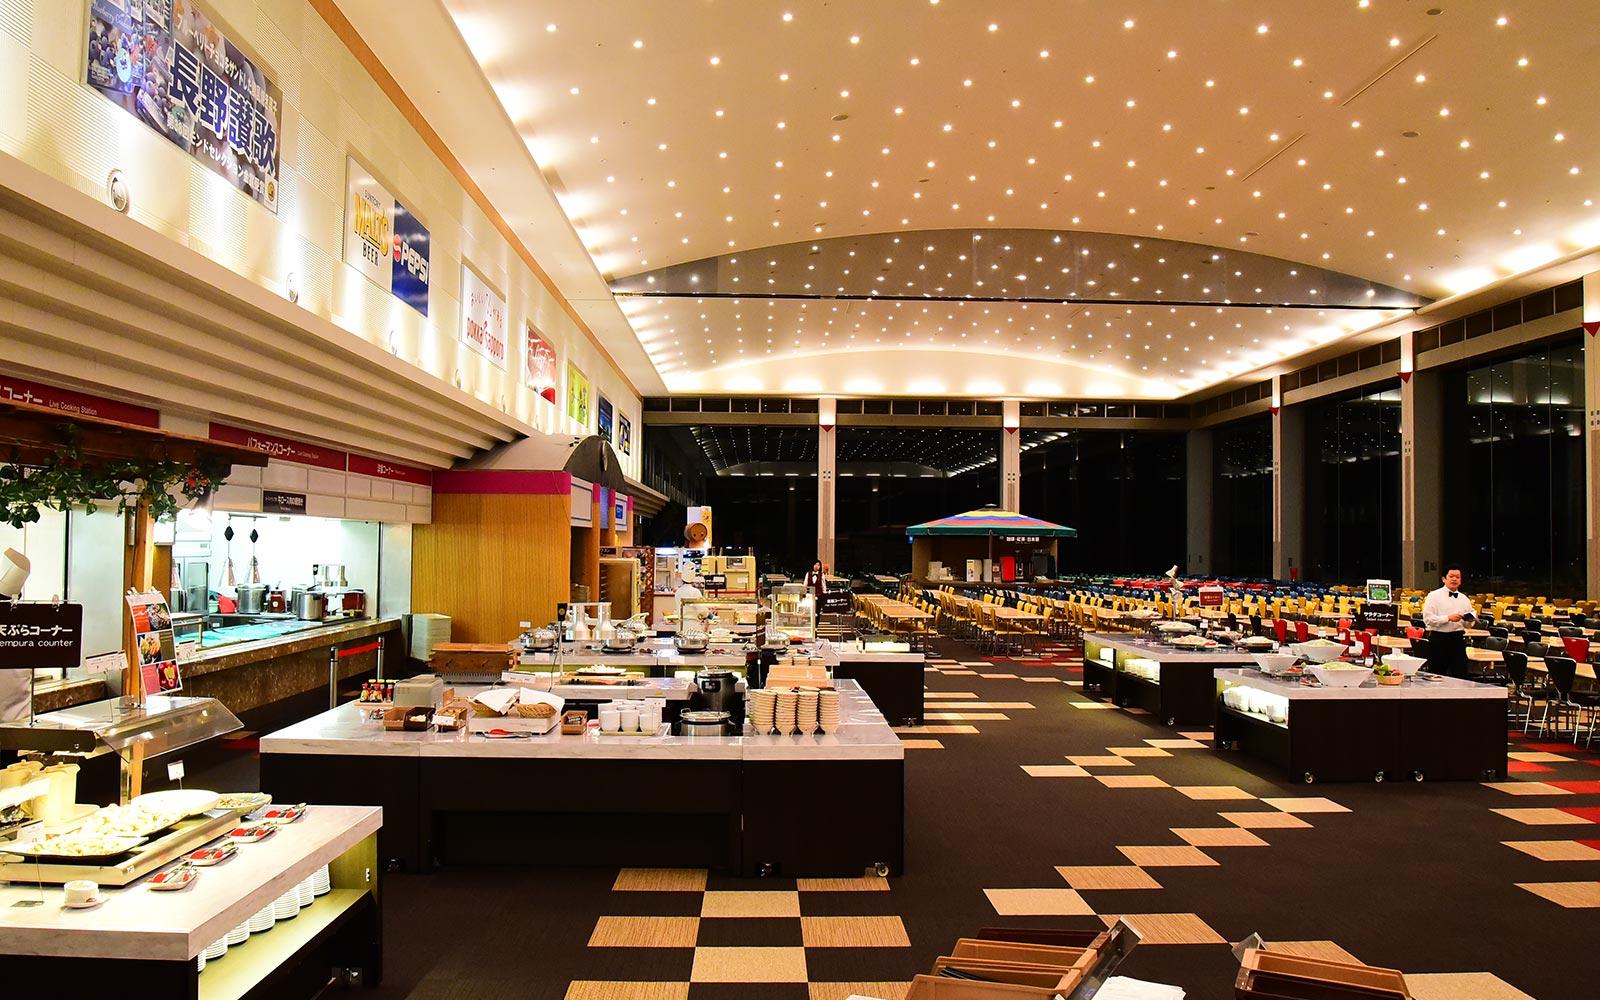 West-Wing-restaurant-Westside-Shiga-Kogen-Prince-Hotel